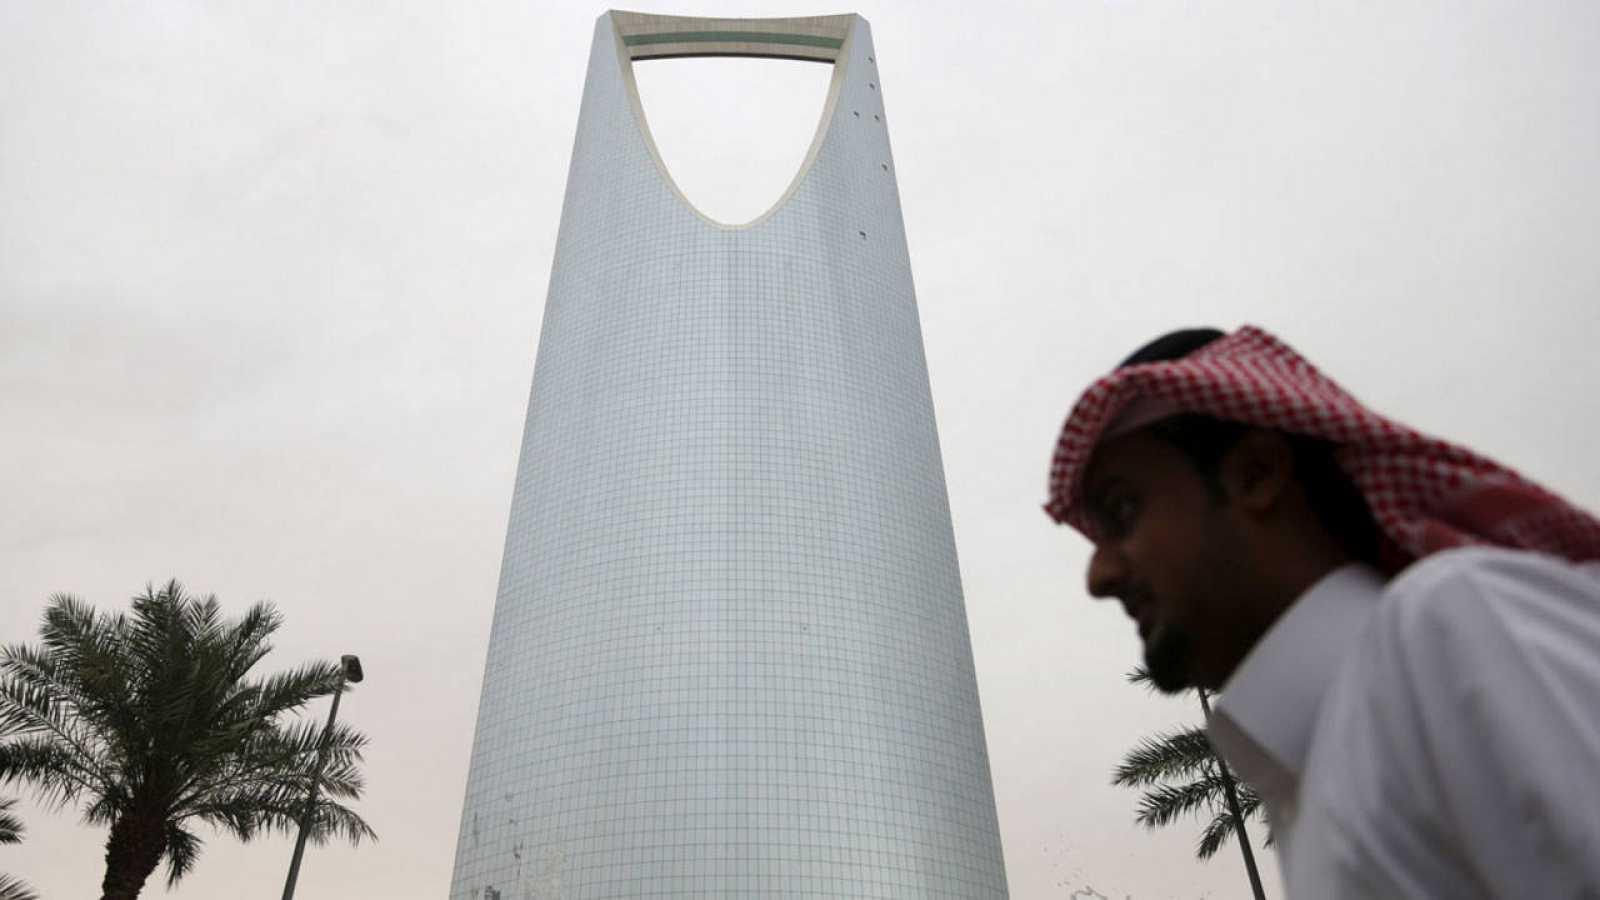 Un hombre pasea frente al Kingdom Centre Tower situado en Riad en una imagen de archivo